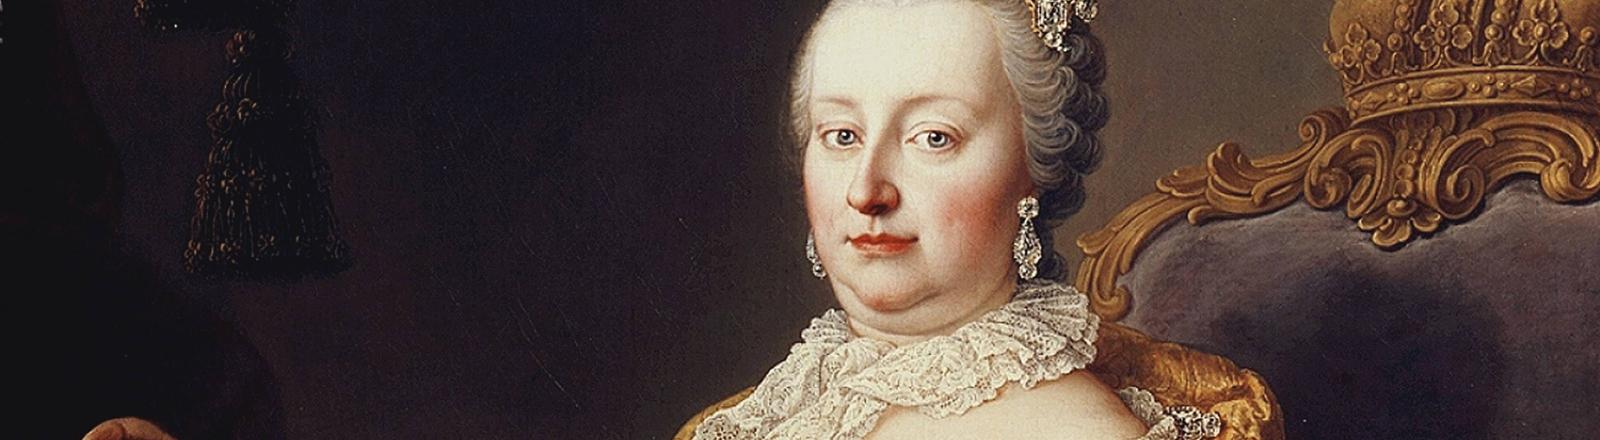 Ein Gemälde der österreichischen Kaiserin Maria Theresia